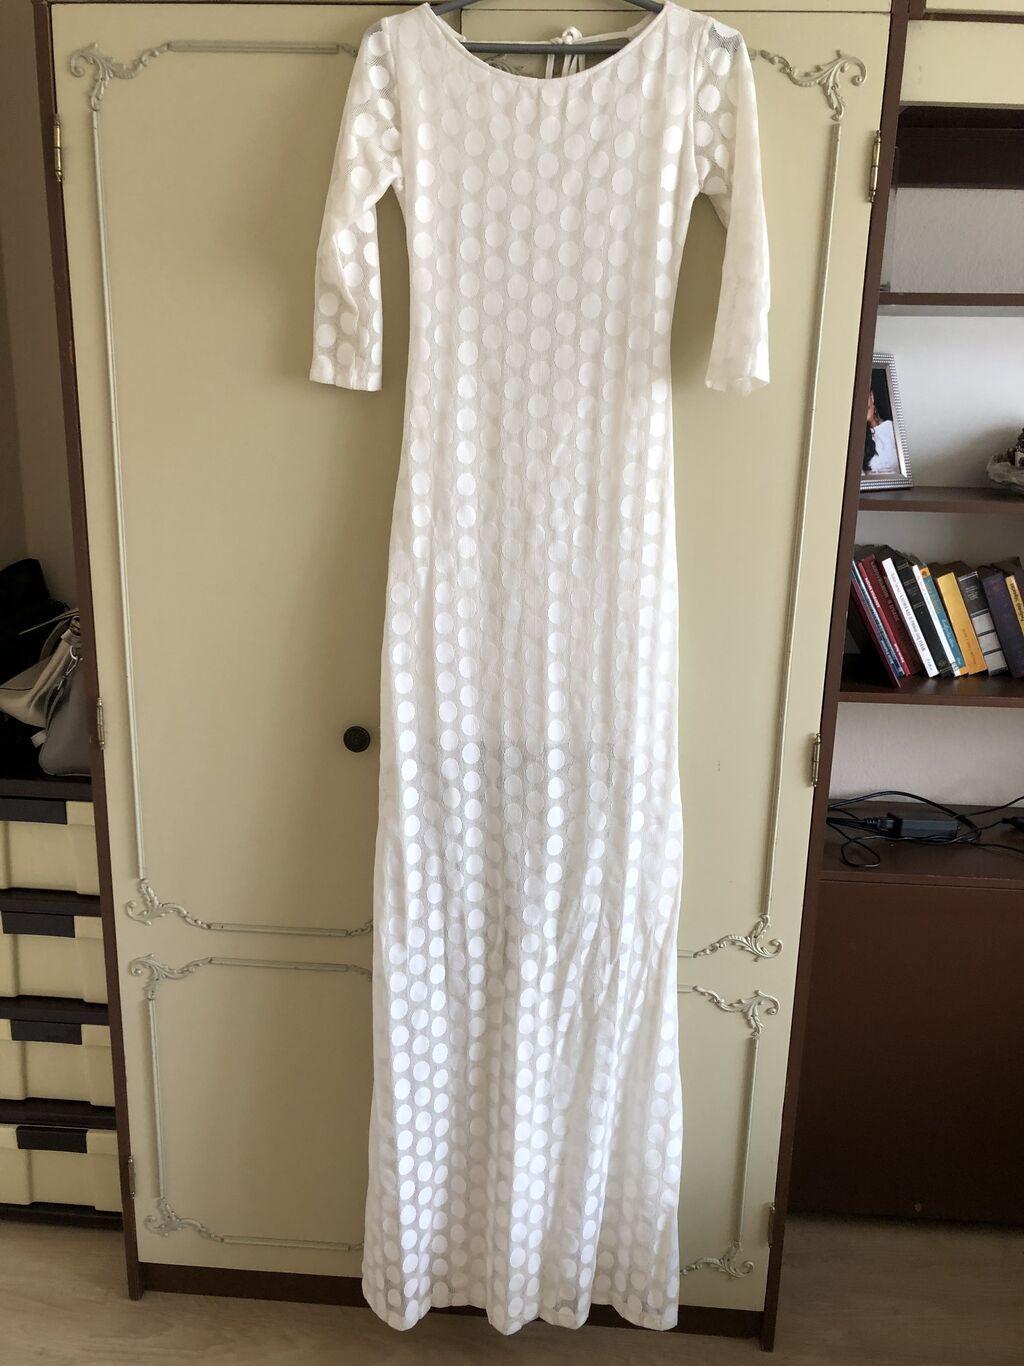 Ova lepotica je danas na snizenju svega 2000din! Prelepog kroja, ima postavu, gola ledja, duzina cele haljine je 160cm, ramena 40cm, duzina gde je samo cipka 75cm